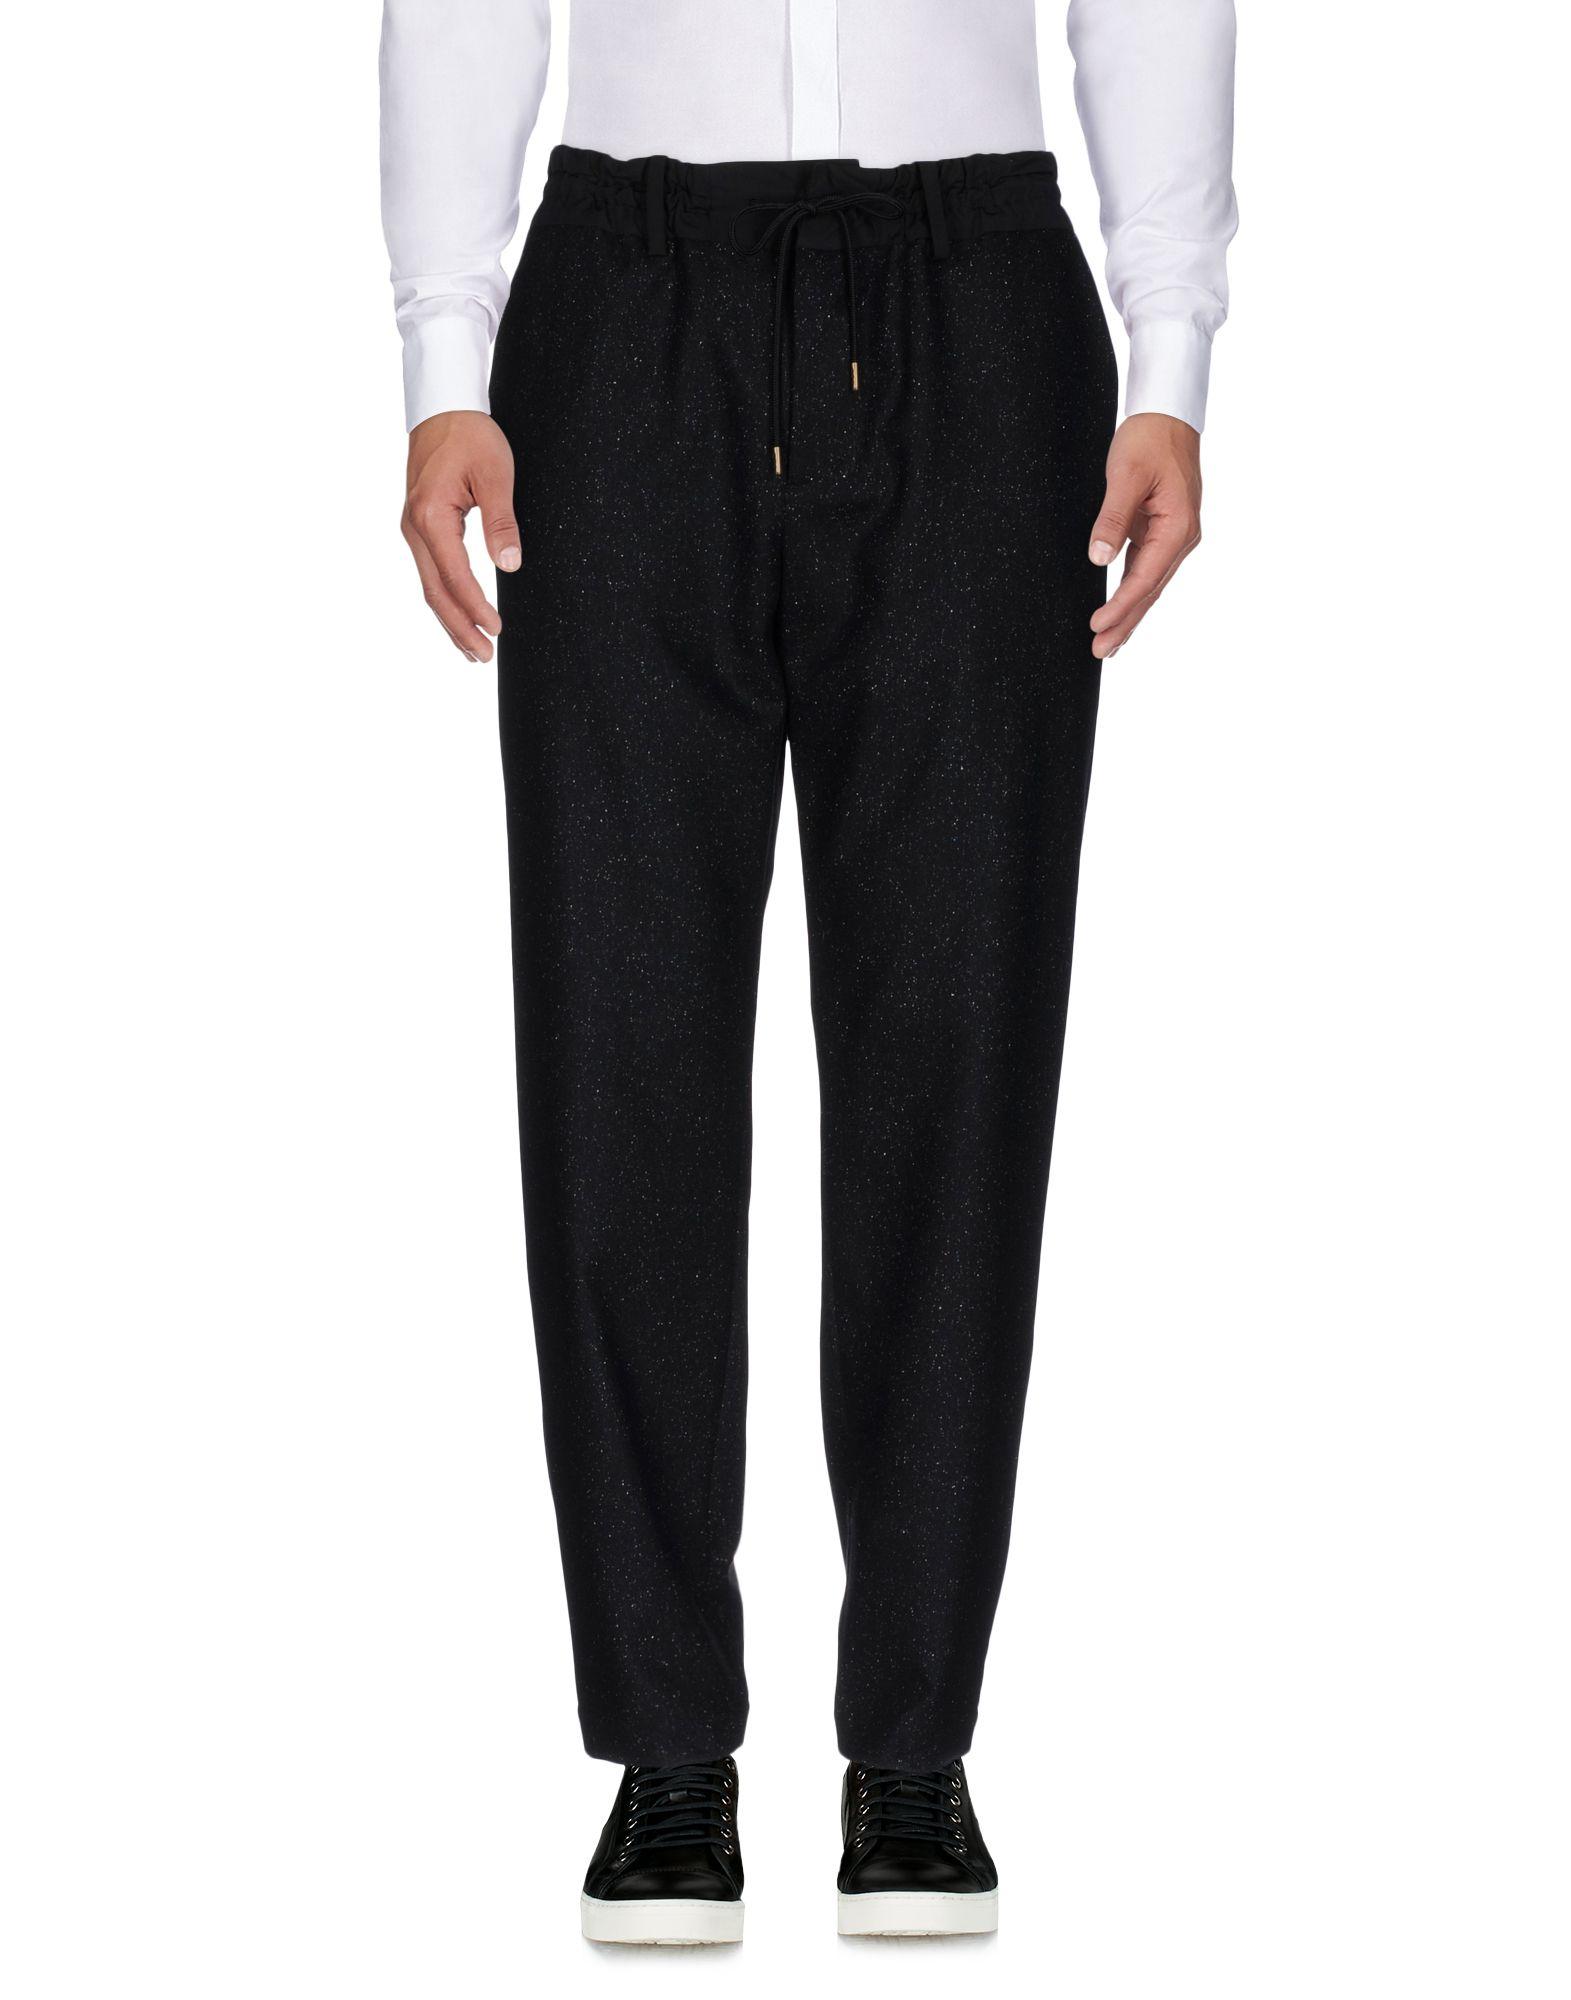 Pantalone Casely Hayford Donna - Acquista online su